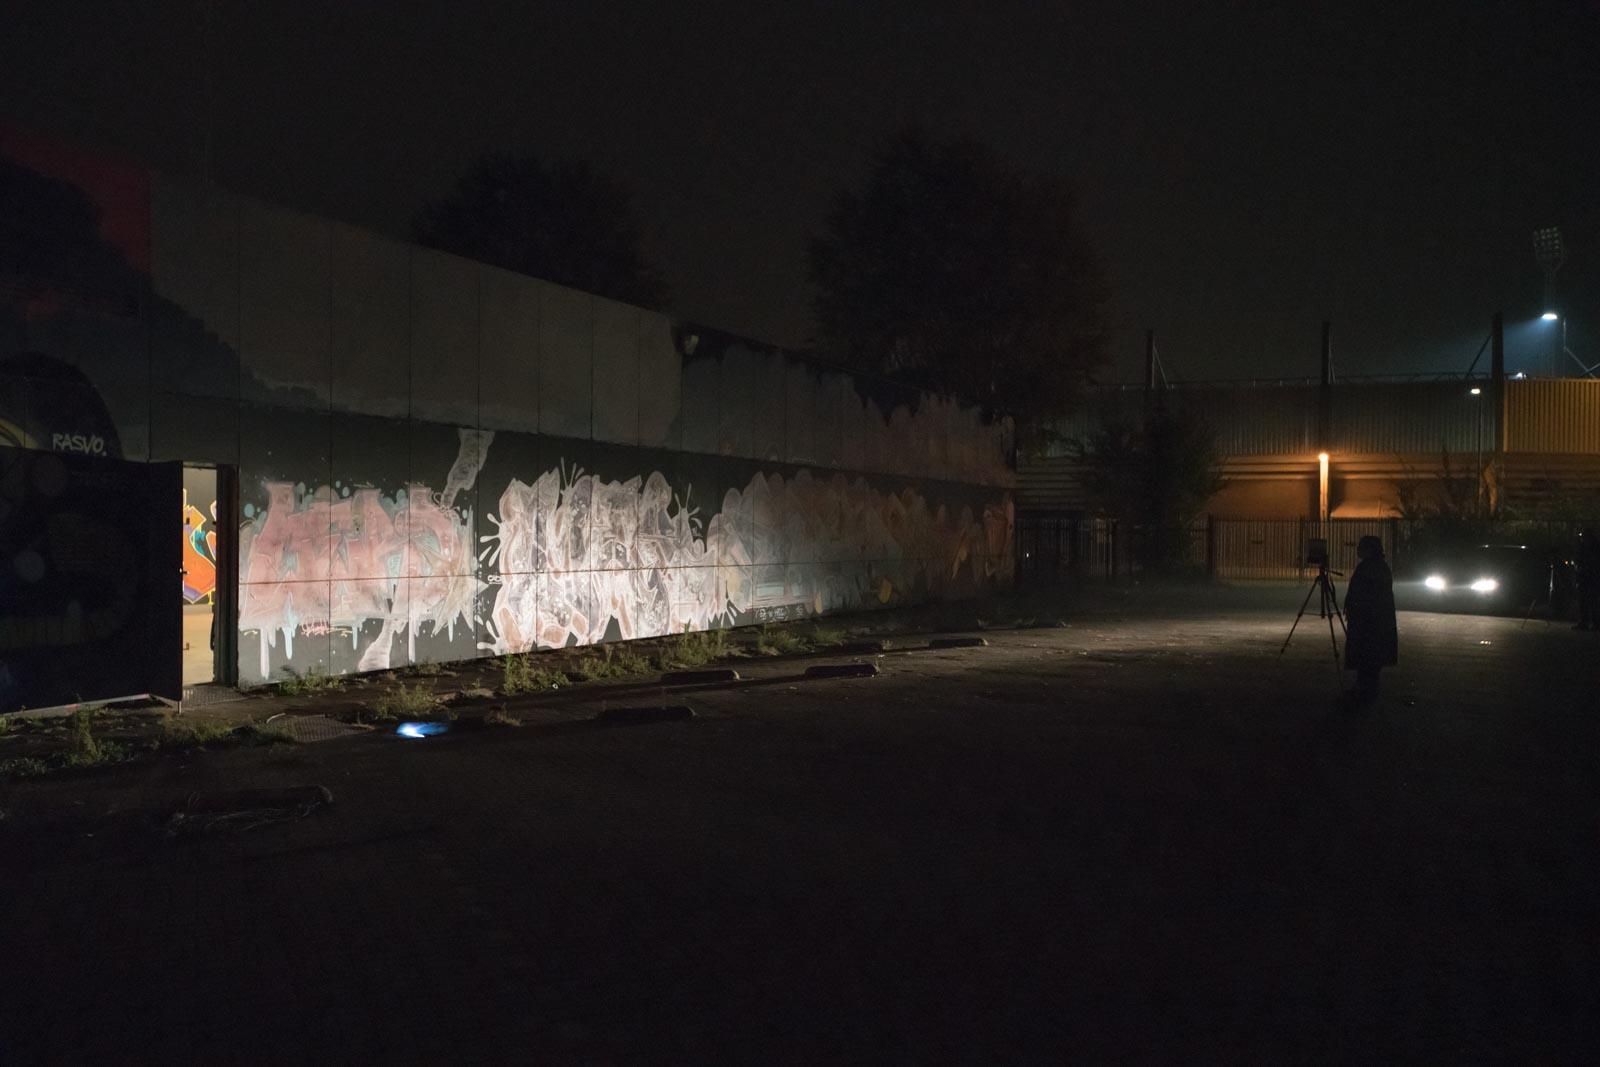 Workshop nachtfotografie aan de buitenzijde van The Loods